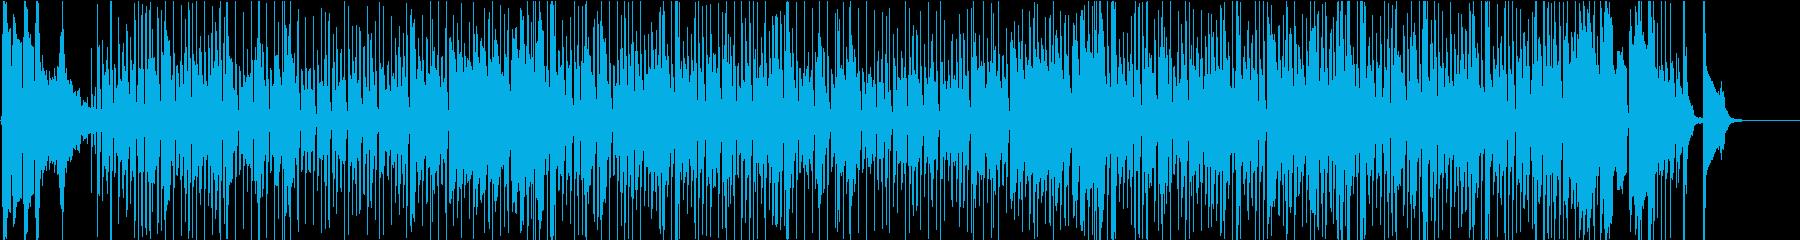 怪盗・探偵のジプシースウィング※伴奏版の再生済みの波形